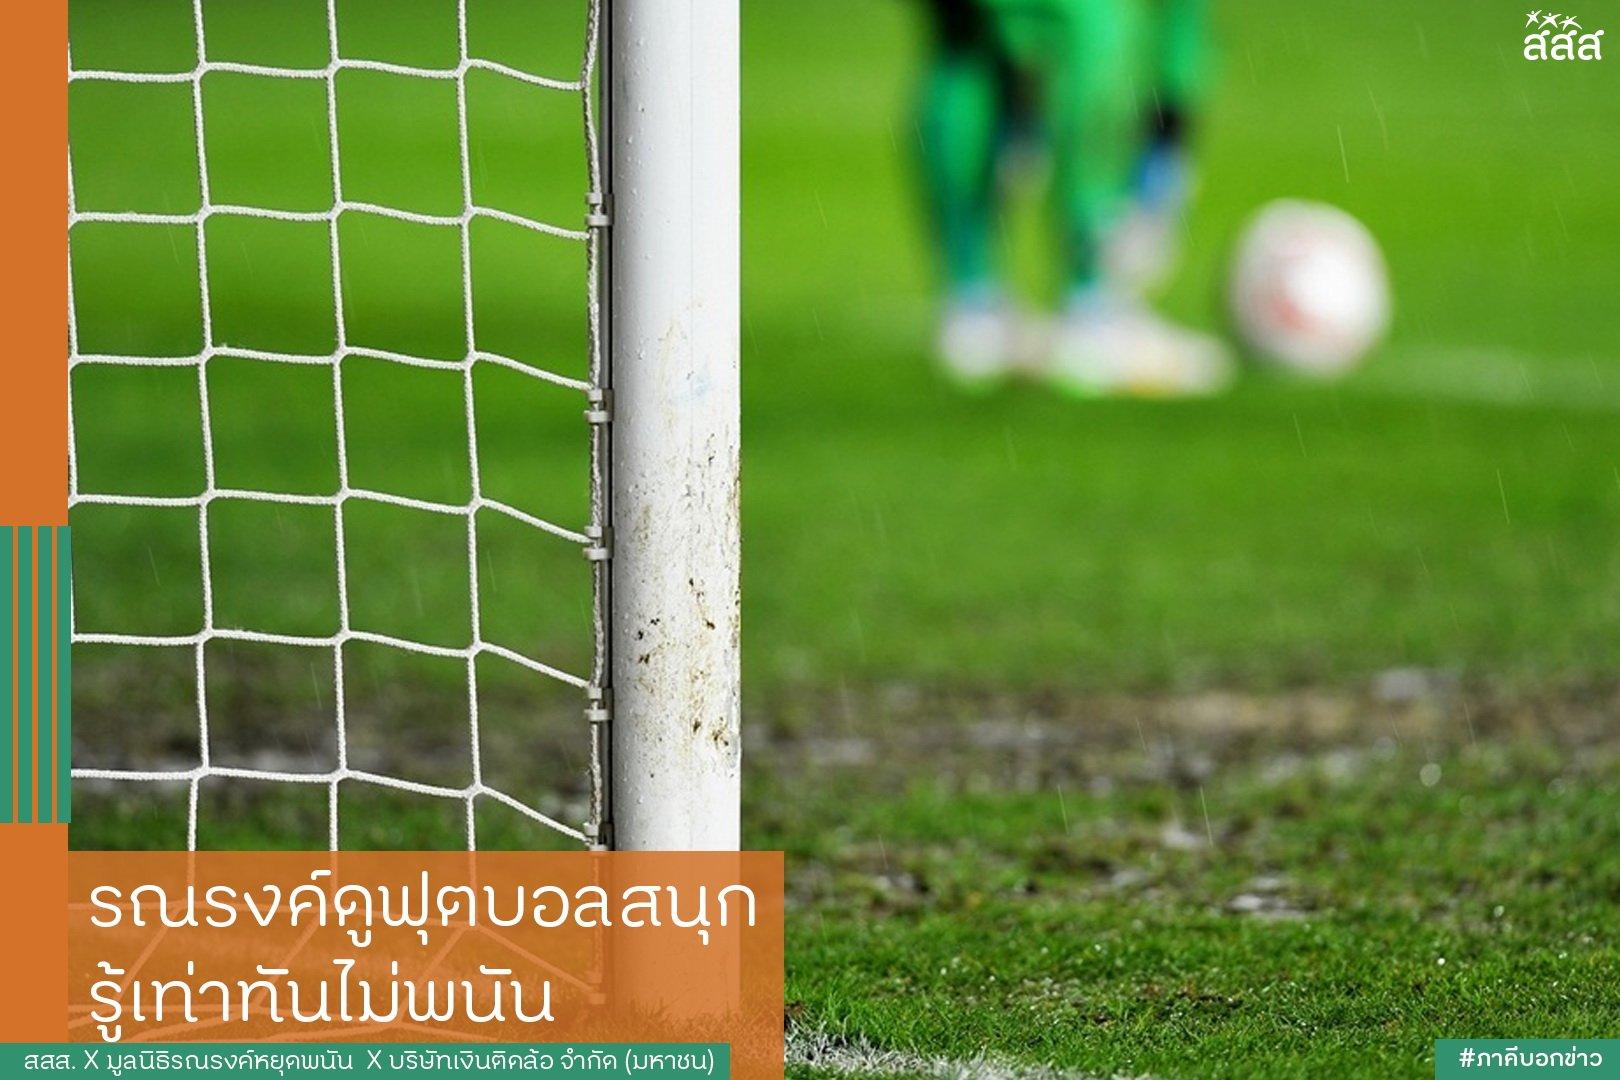 รณรงค์ดูฟุตบอลสนุก รู้เท่าทันไม่พนัน thaihealth